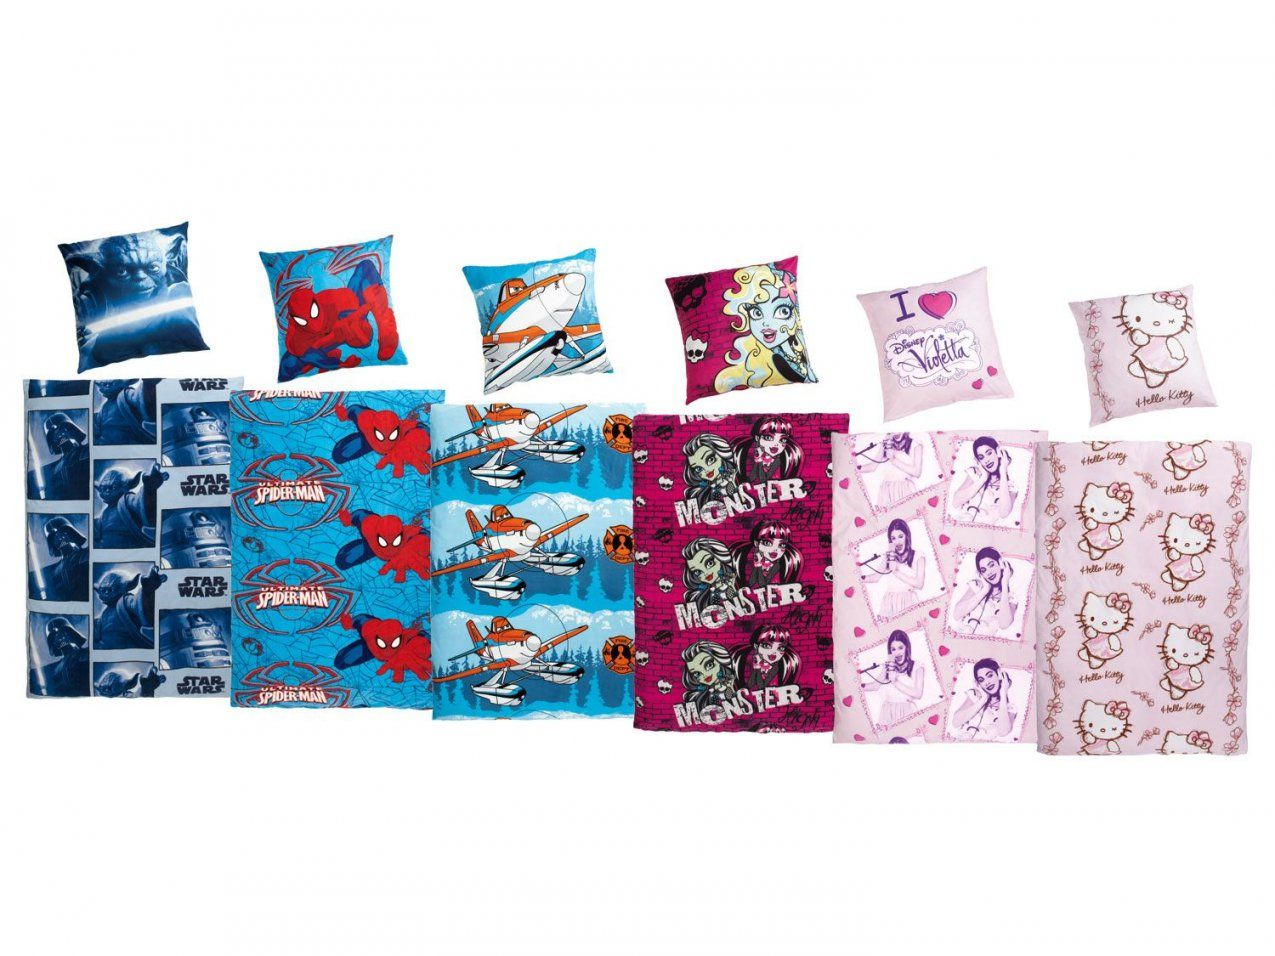 Kinder Fleecebettwäsche 135 X 200 Cm  Lidl Deutschland  Lidl von Fleece Bettwäsche Kindermotive Bild